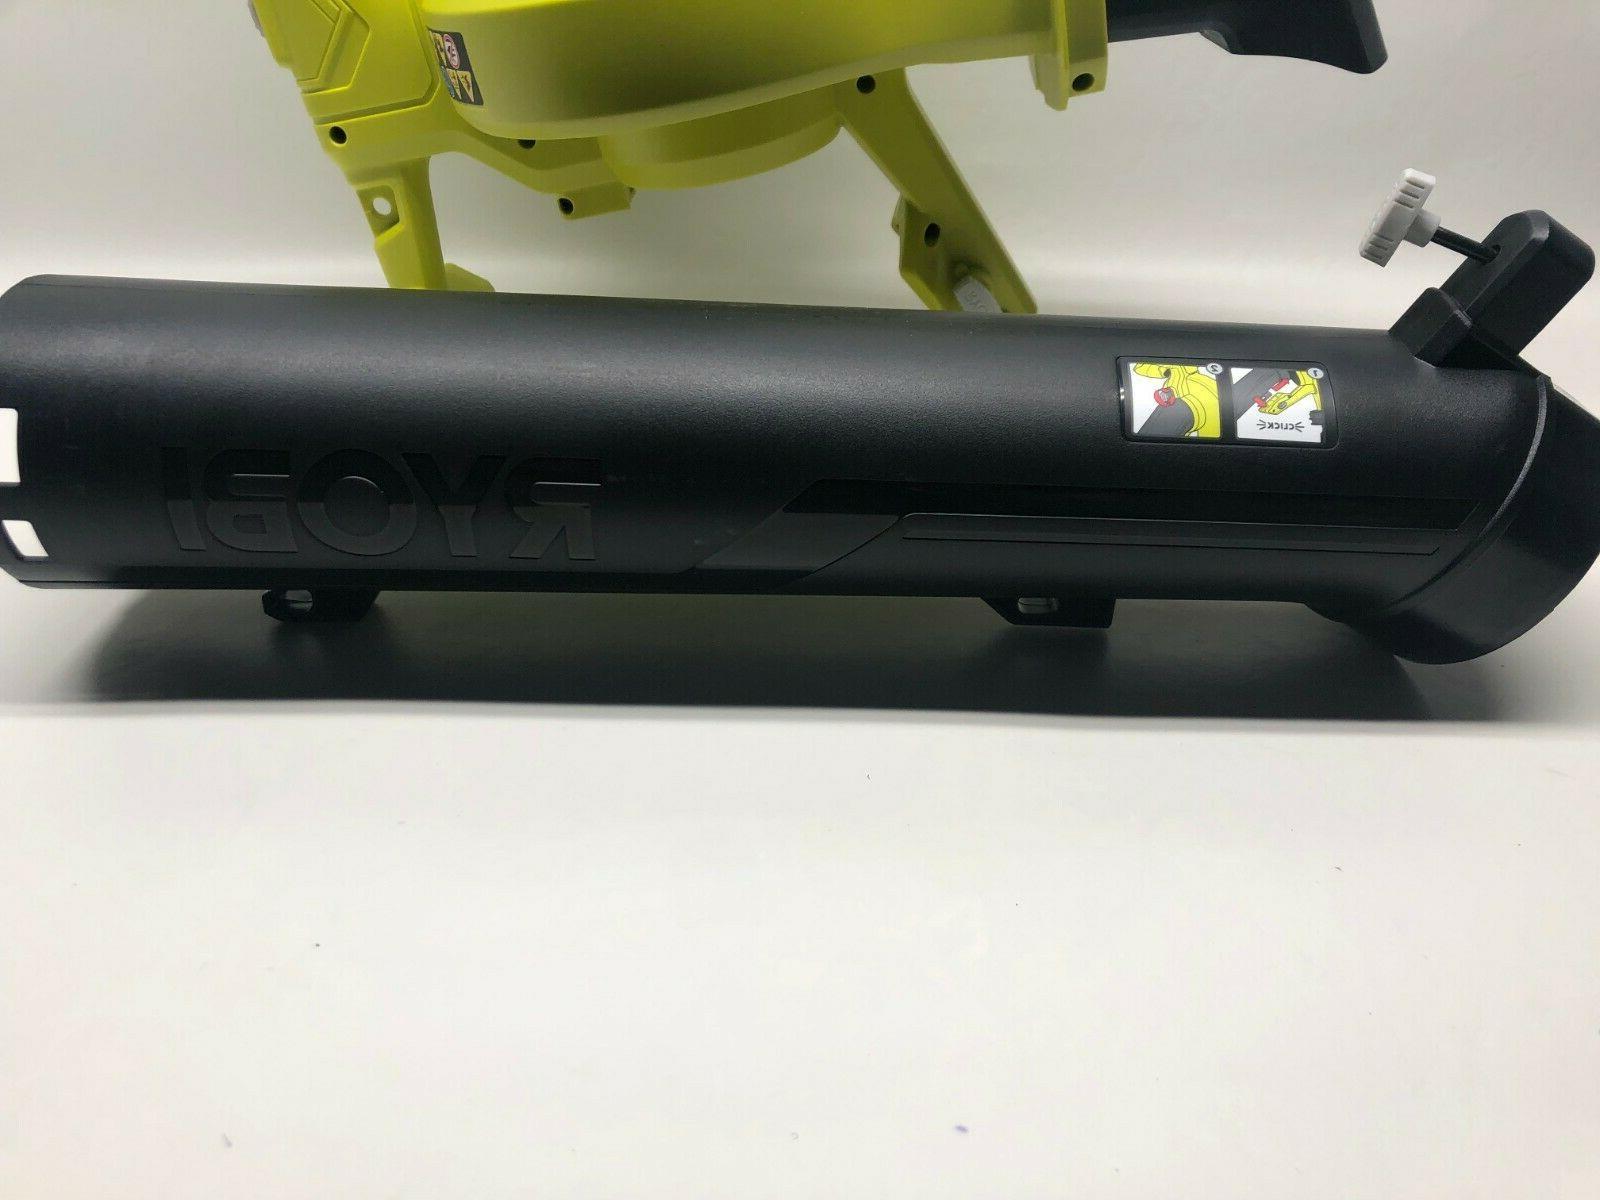 RYOBI 2-in-1 Leaf Blower 40-V